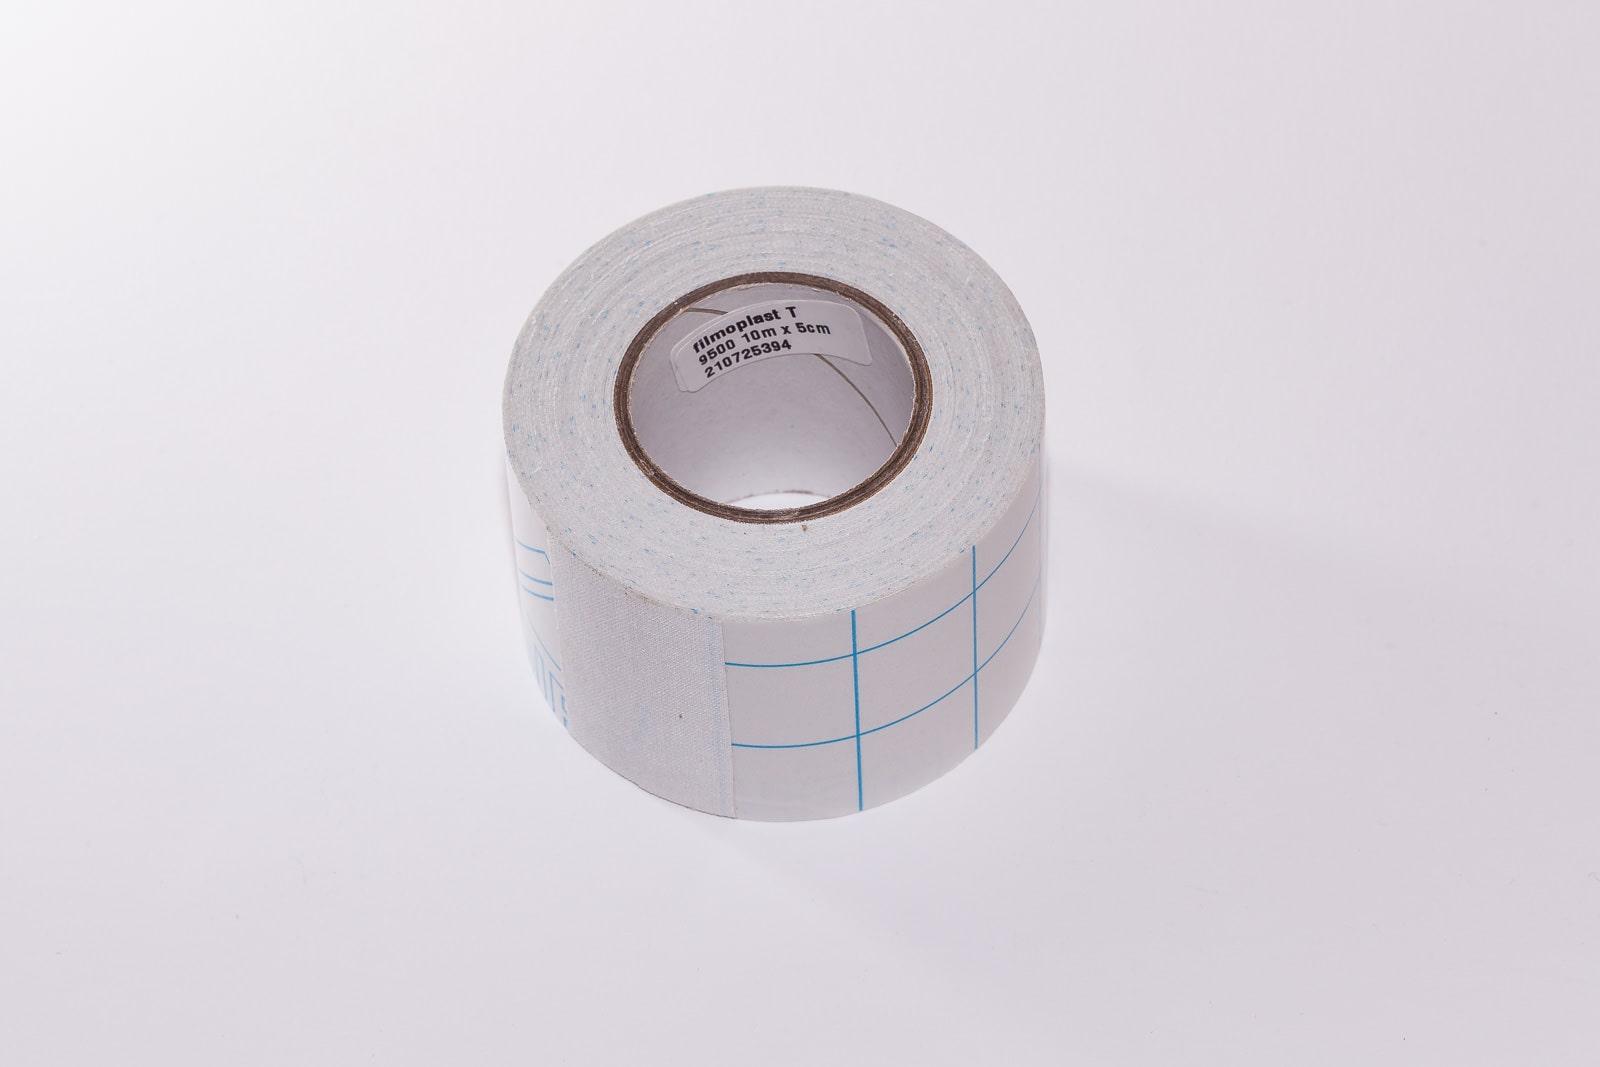 Filmoplast T ist ein weißes 5 cm breites Textilklebeband der Marke Filmolux.